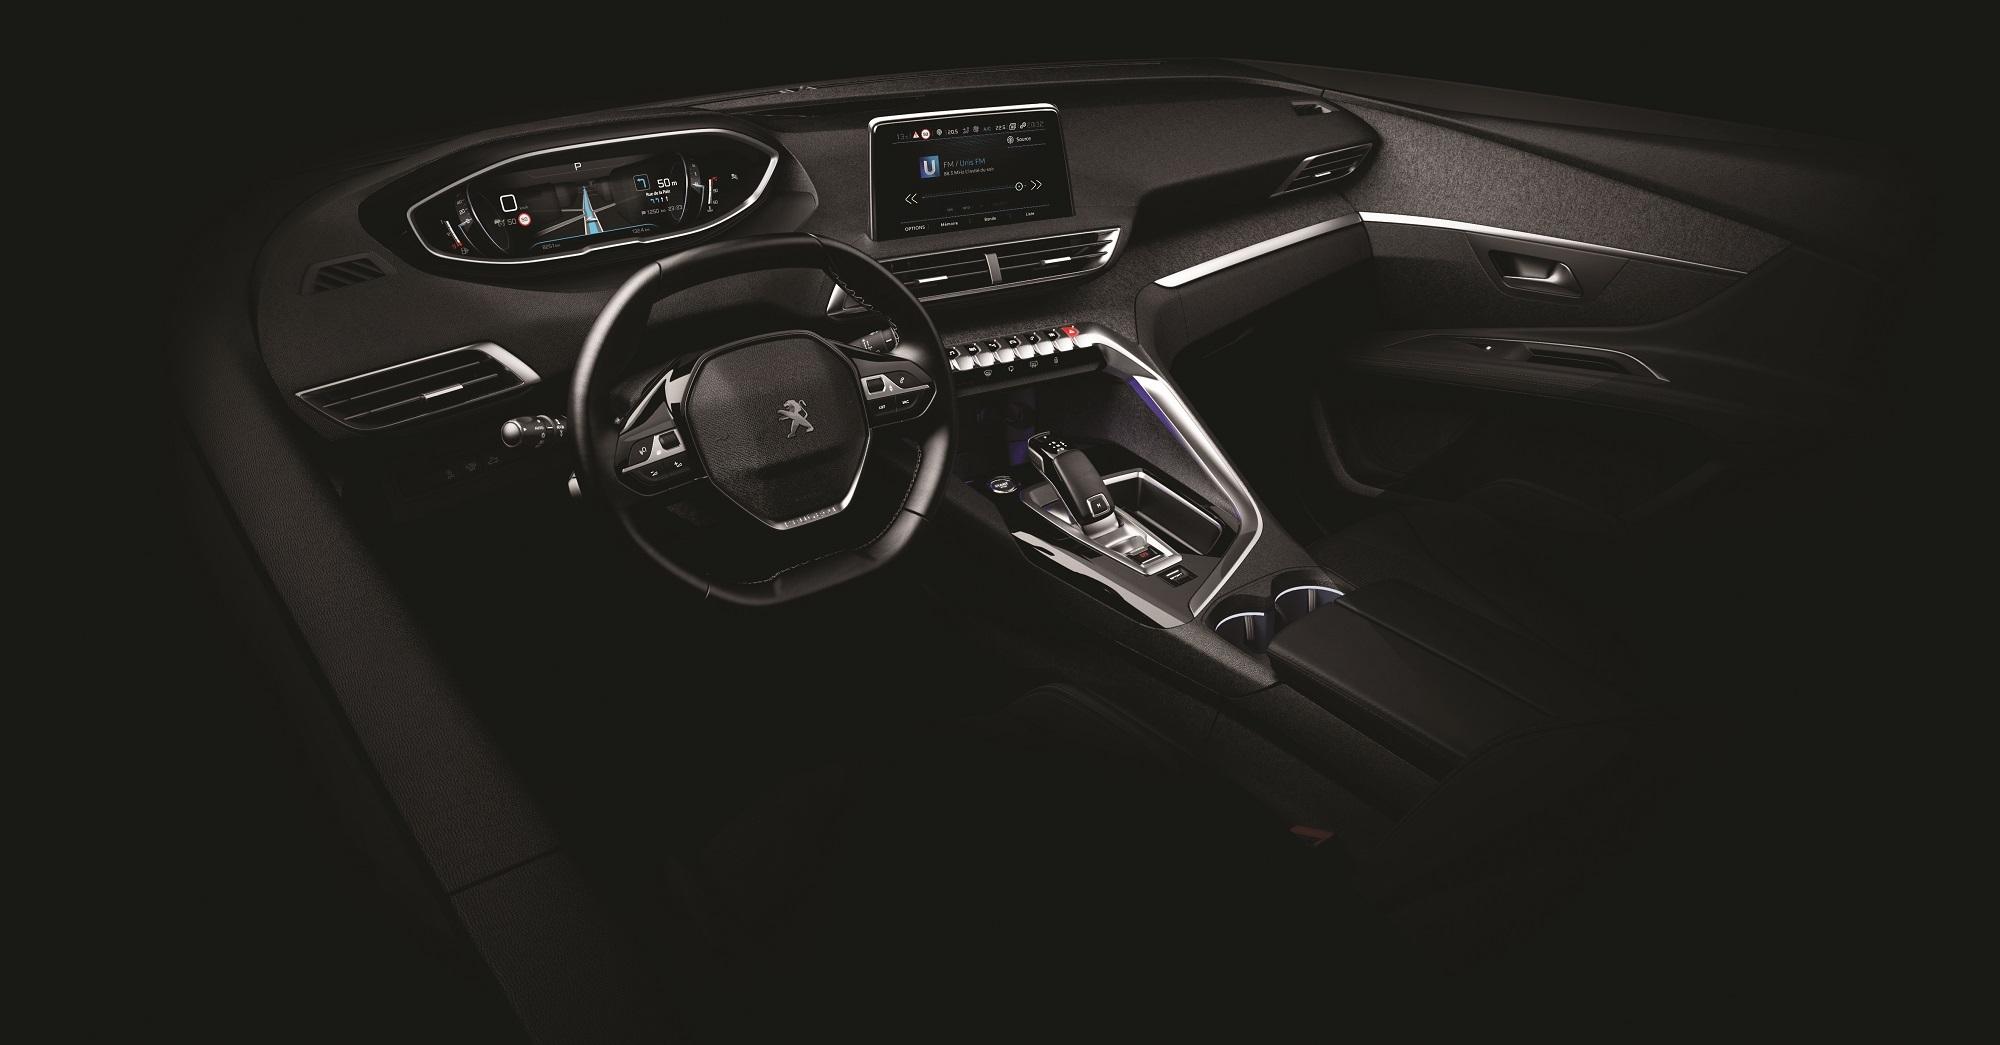 nt2 6587 1569293771 Những điểm nhấn trên bộ đôi SUV Peugeot 5008 và 3008